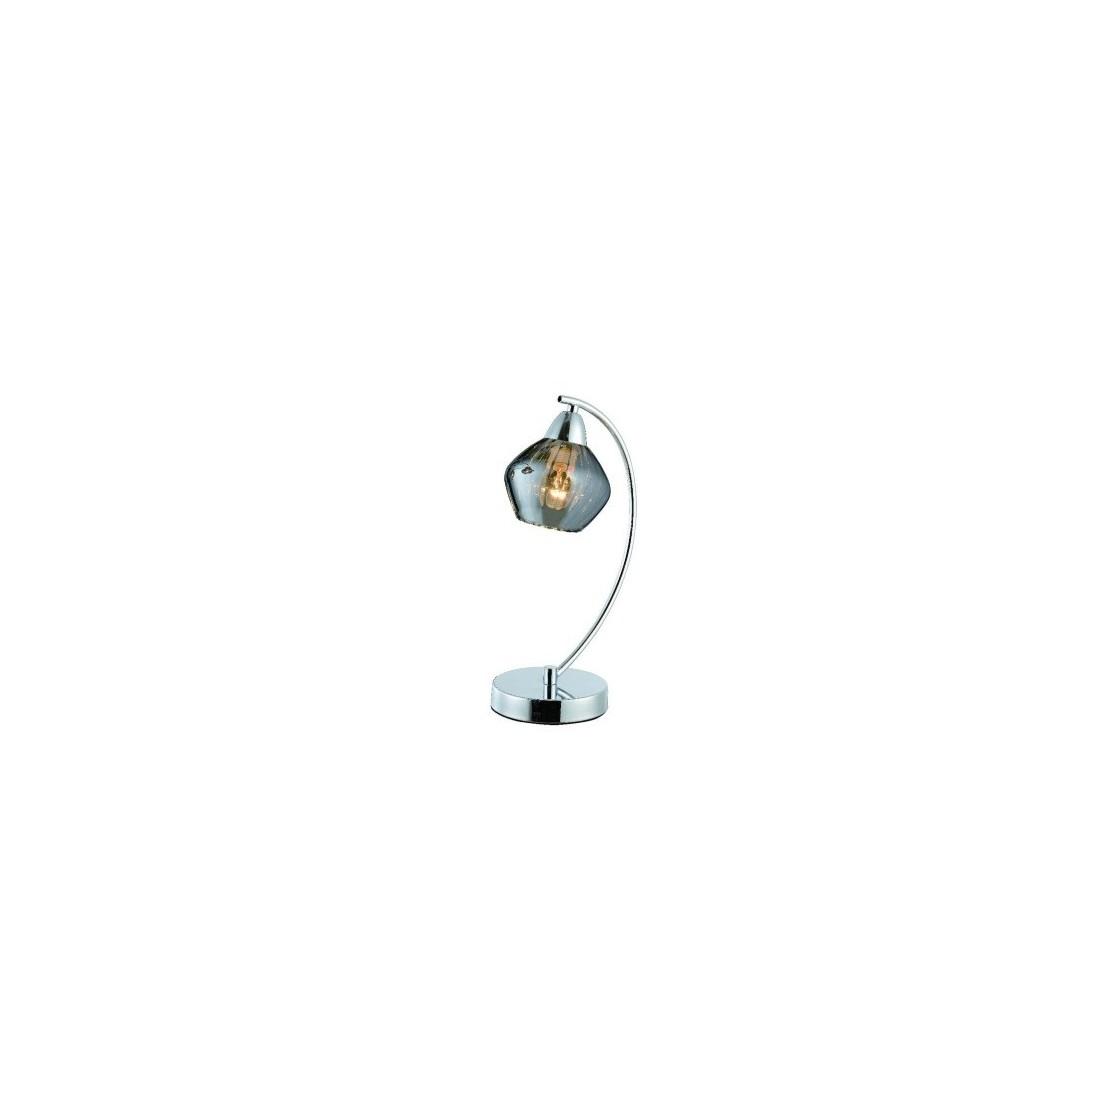 Ventiladores de techo tuslamparasonline for Ventiladores de techo com